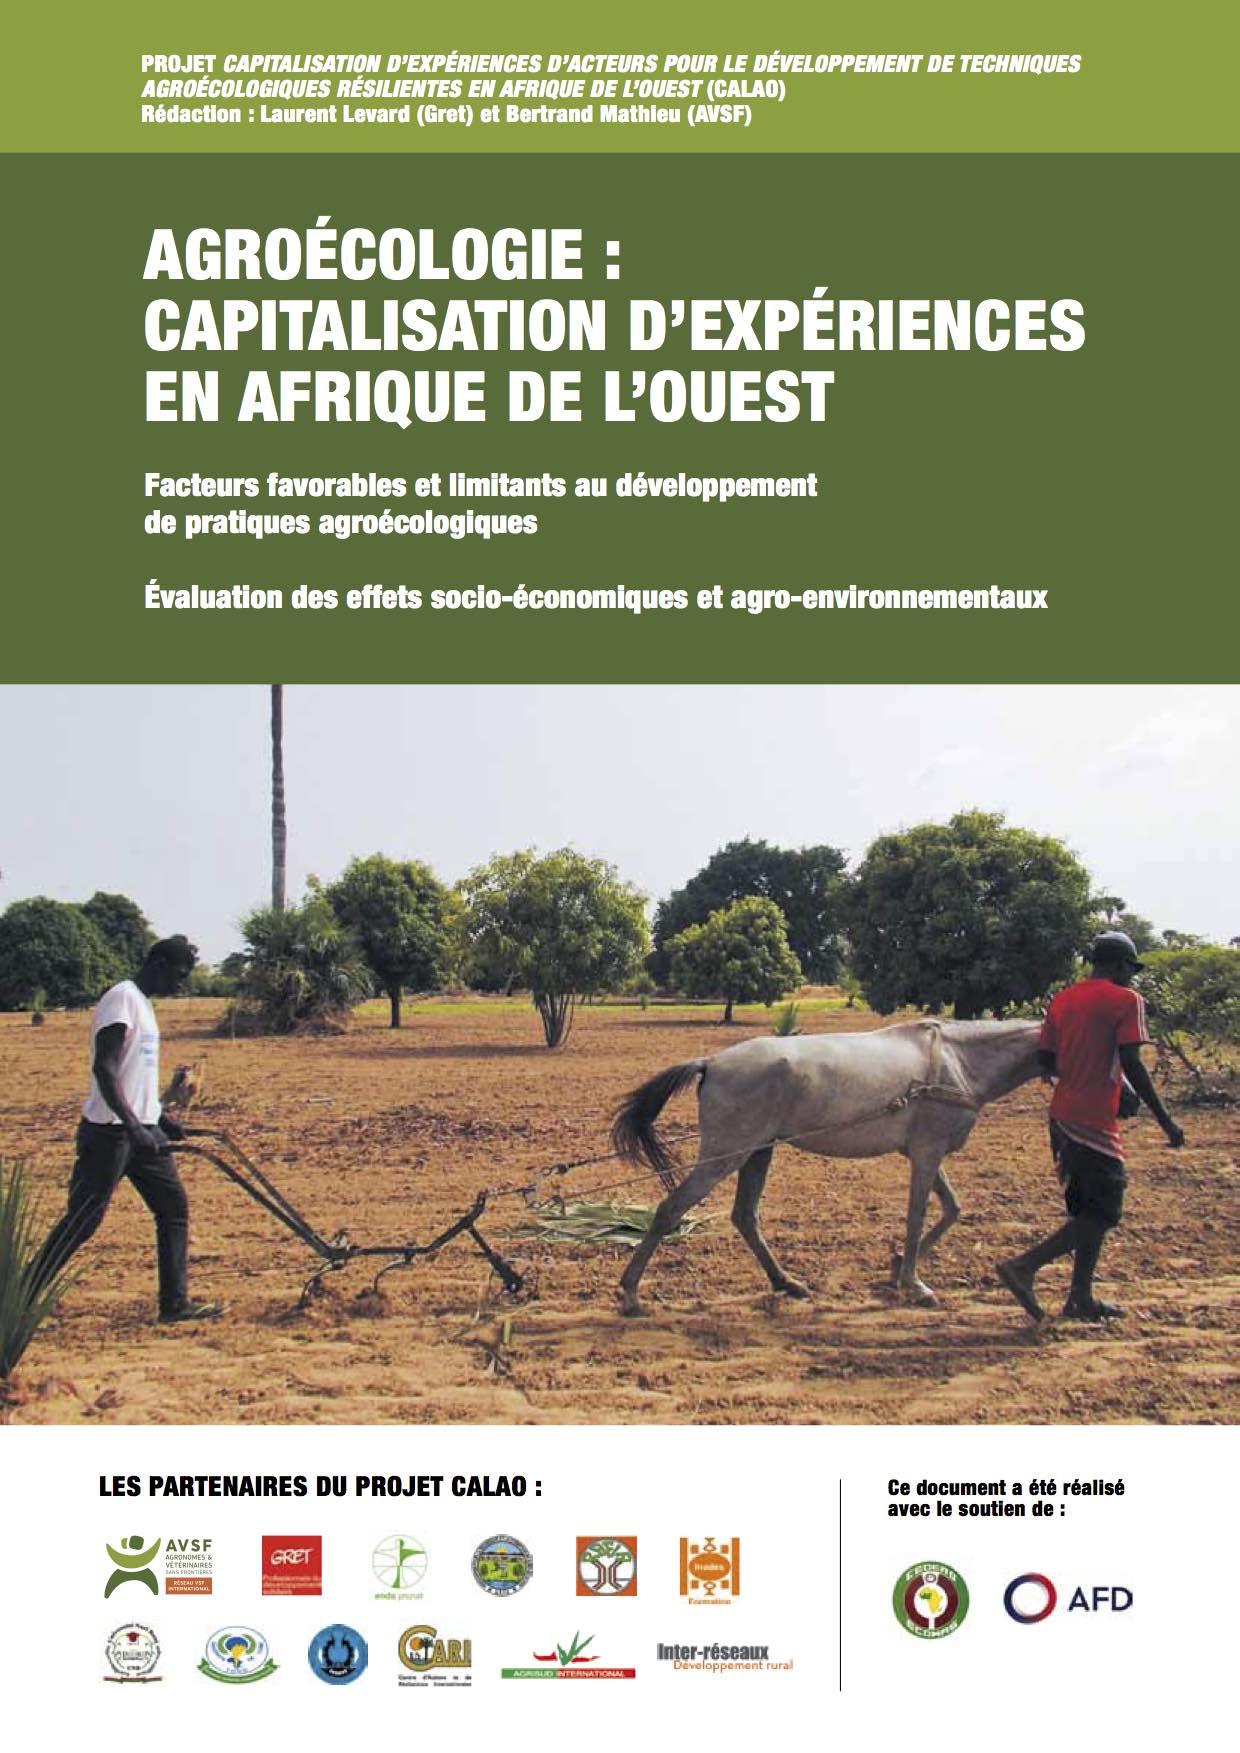 Agroécologie : capitalisation d'expériences en Afrique de l'Ouest : facteurs favorables et limitants au développement de pratiques agroécologiques ; évaluation des effets socio-économiques et agro-environnementaux  Image principale